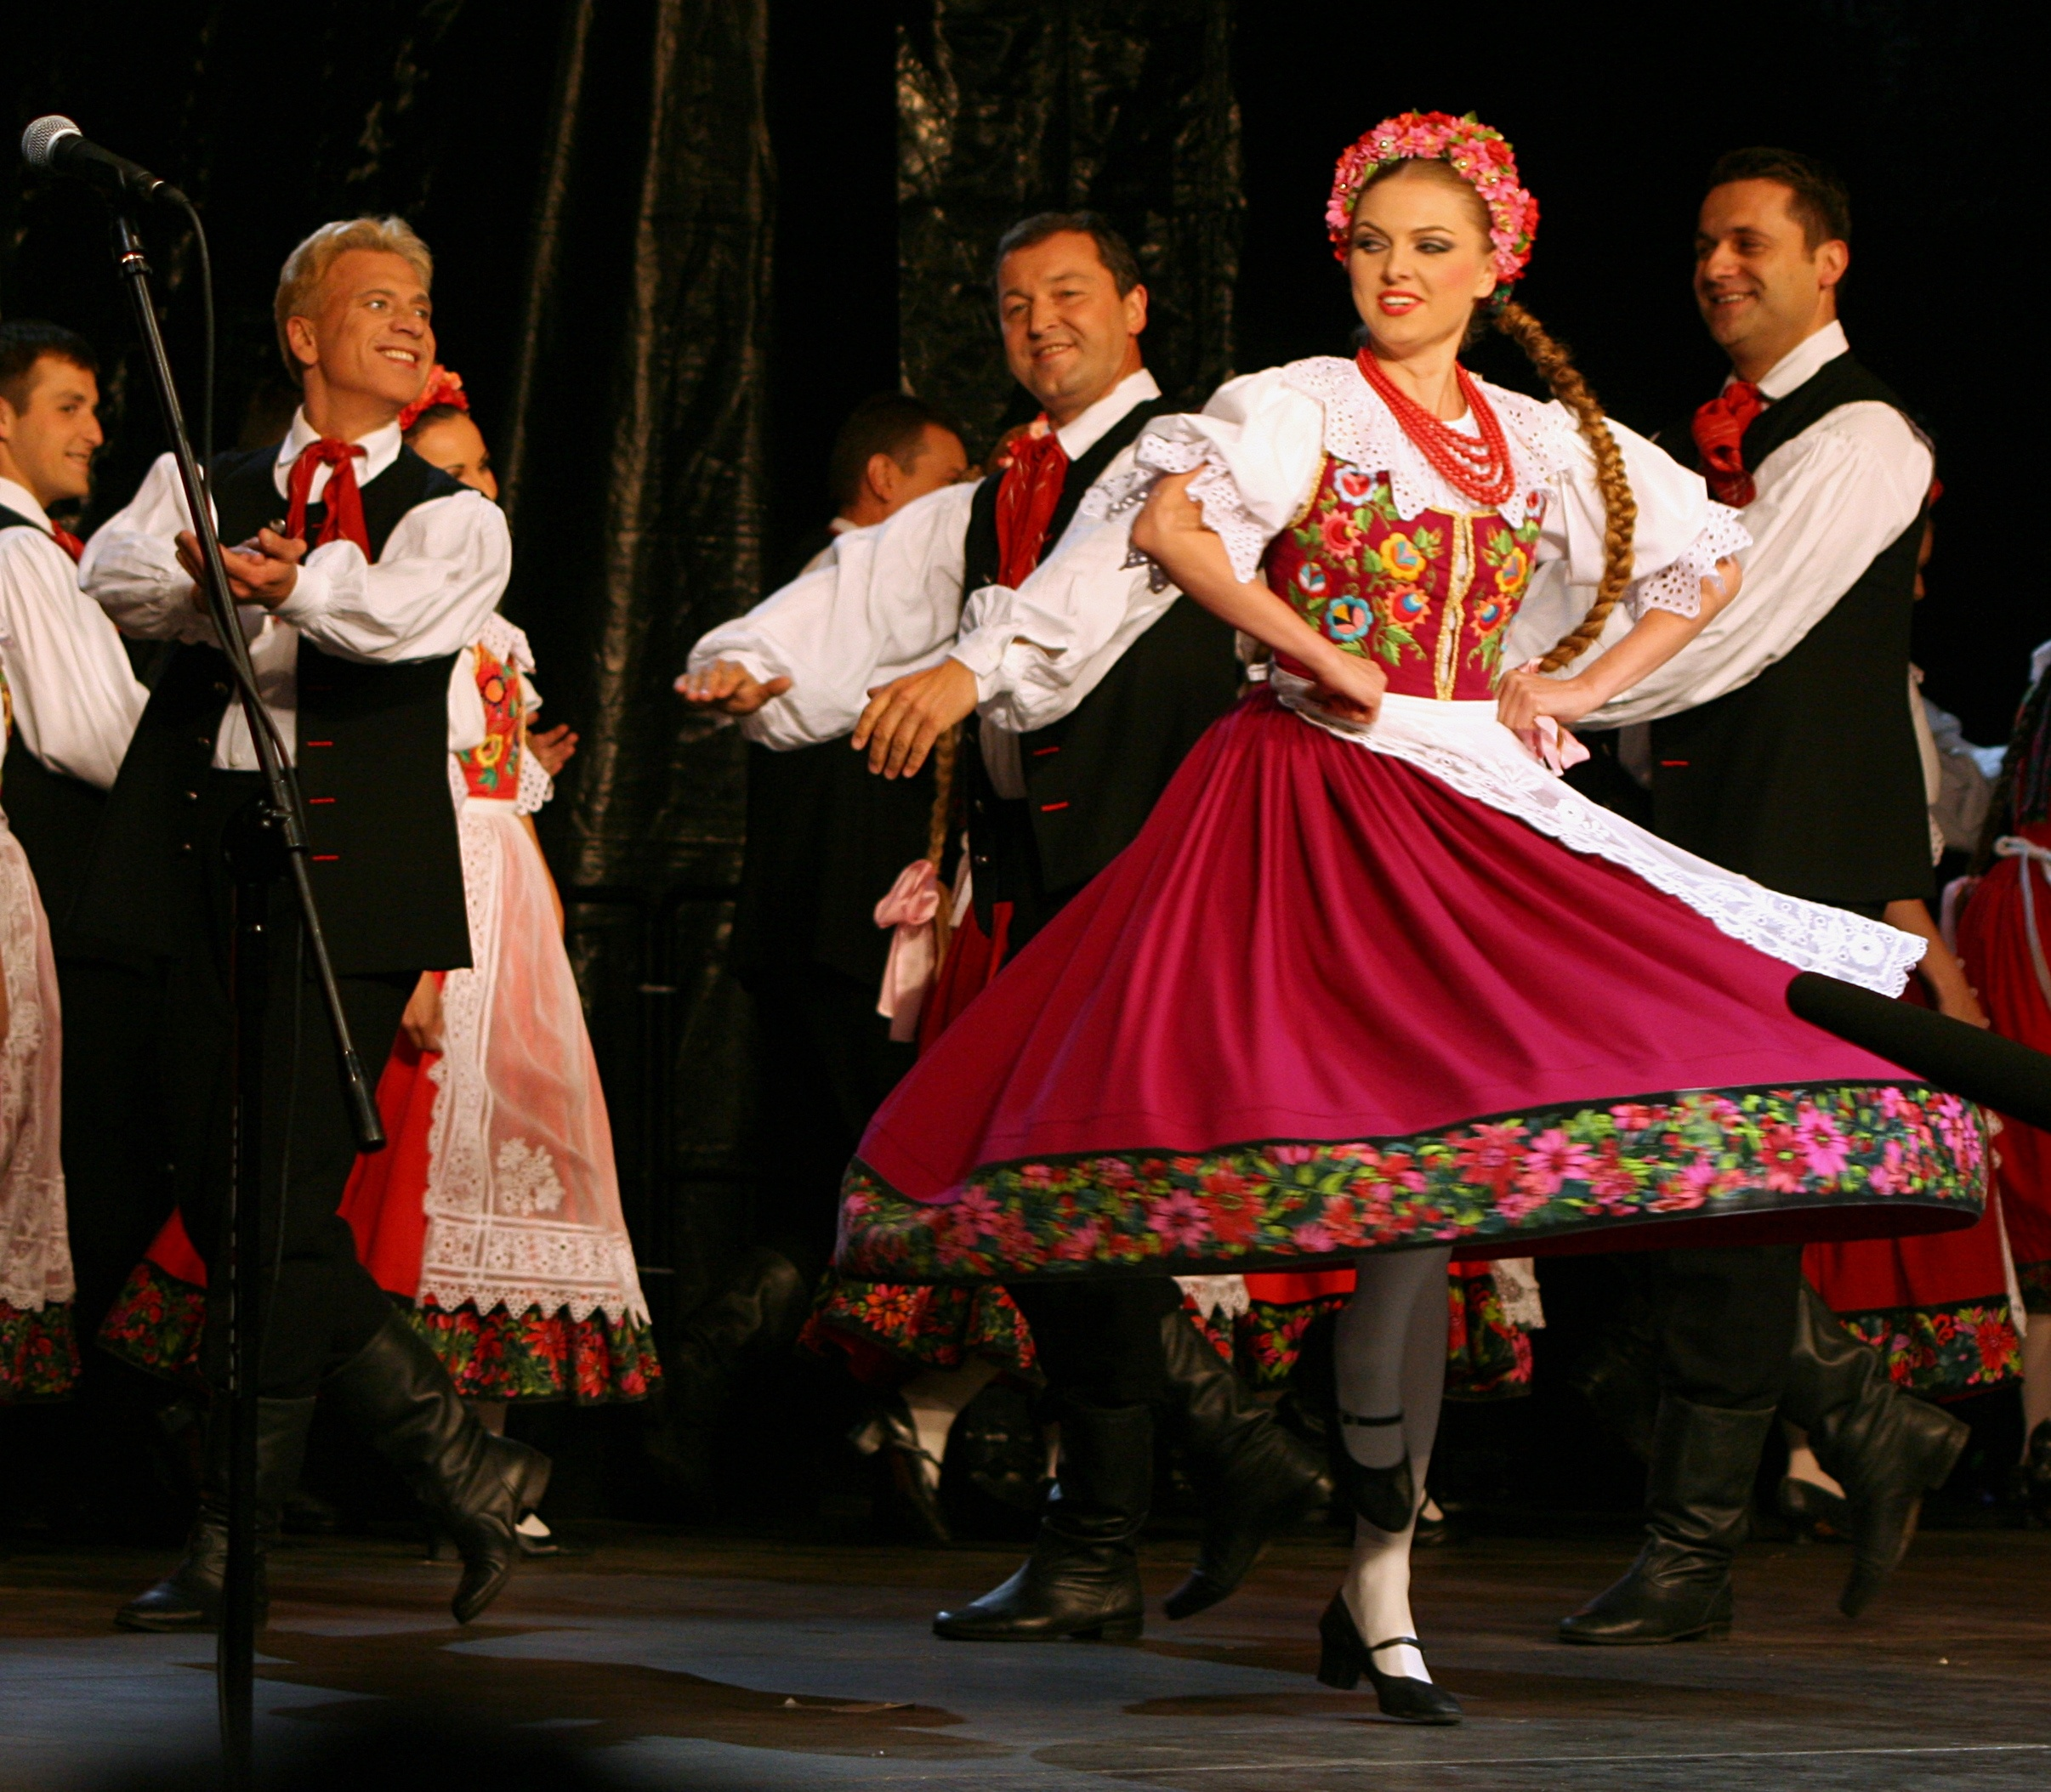 Śląsk ensemble